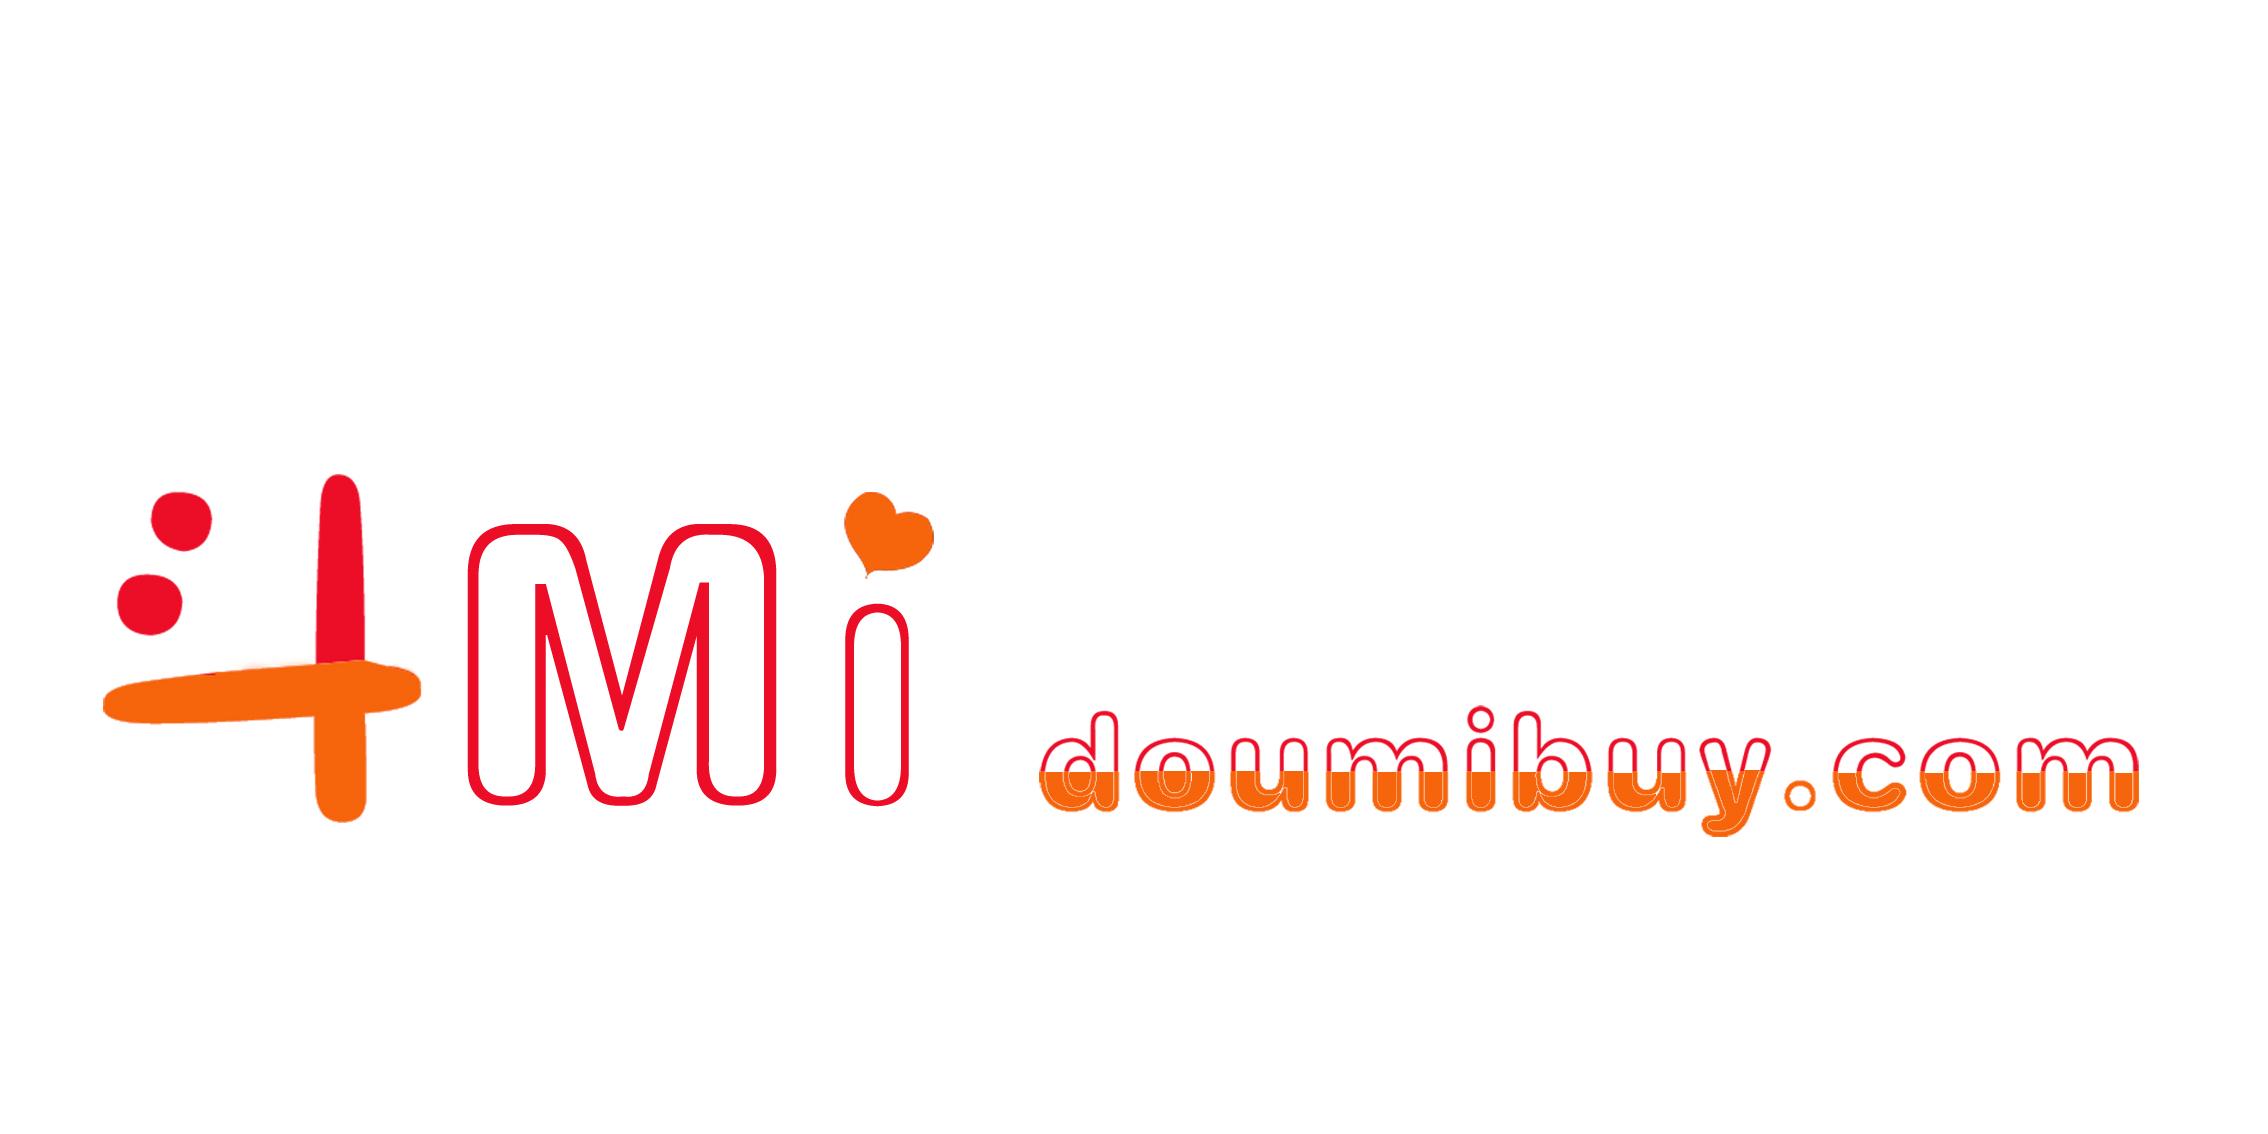 河北科技大学logo图片大全 国内大学校徽 标志logo矢量图图片